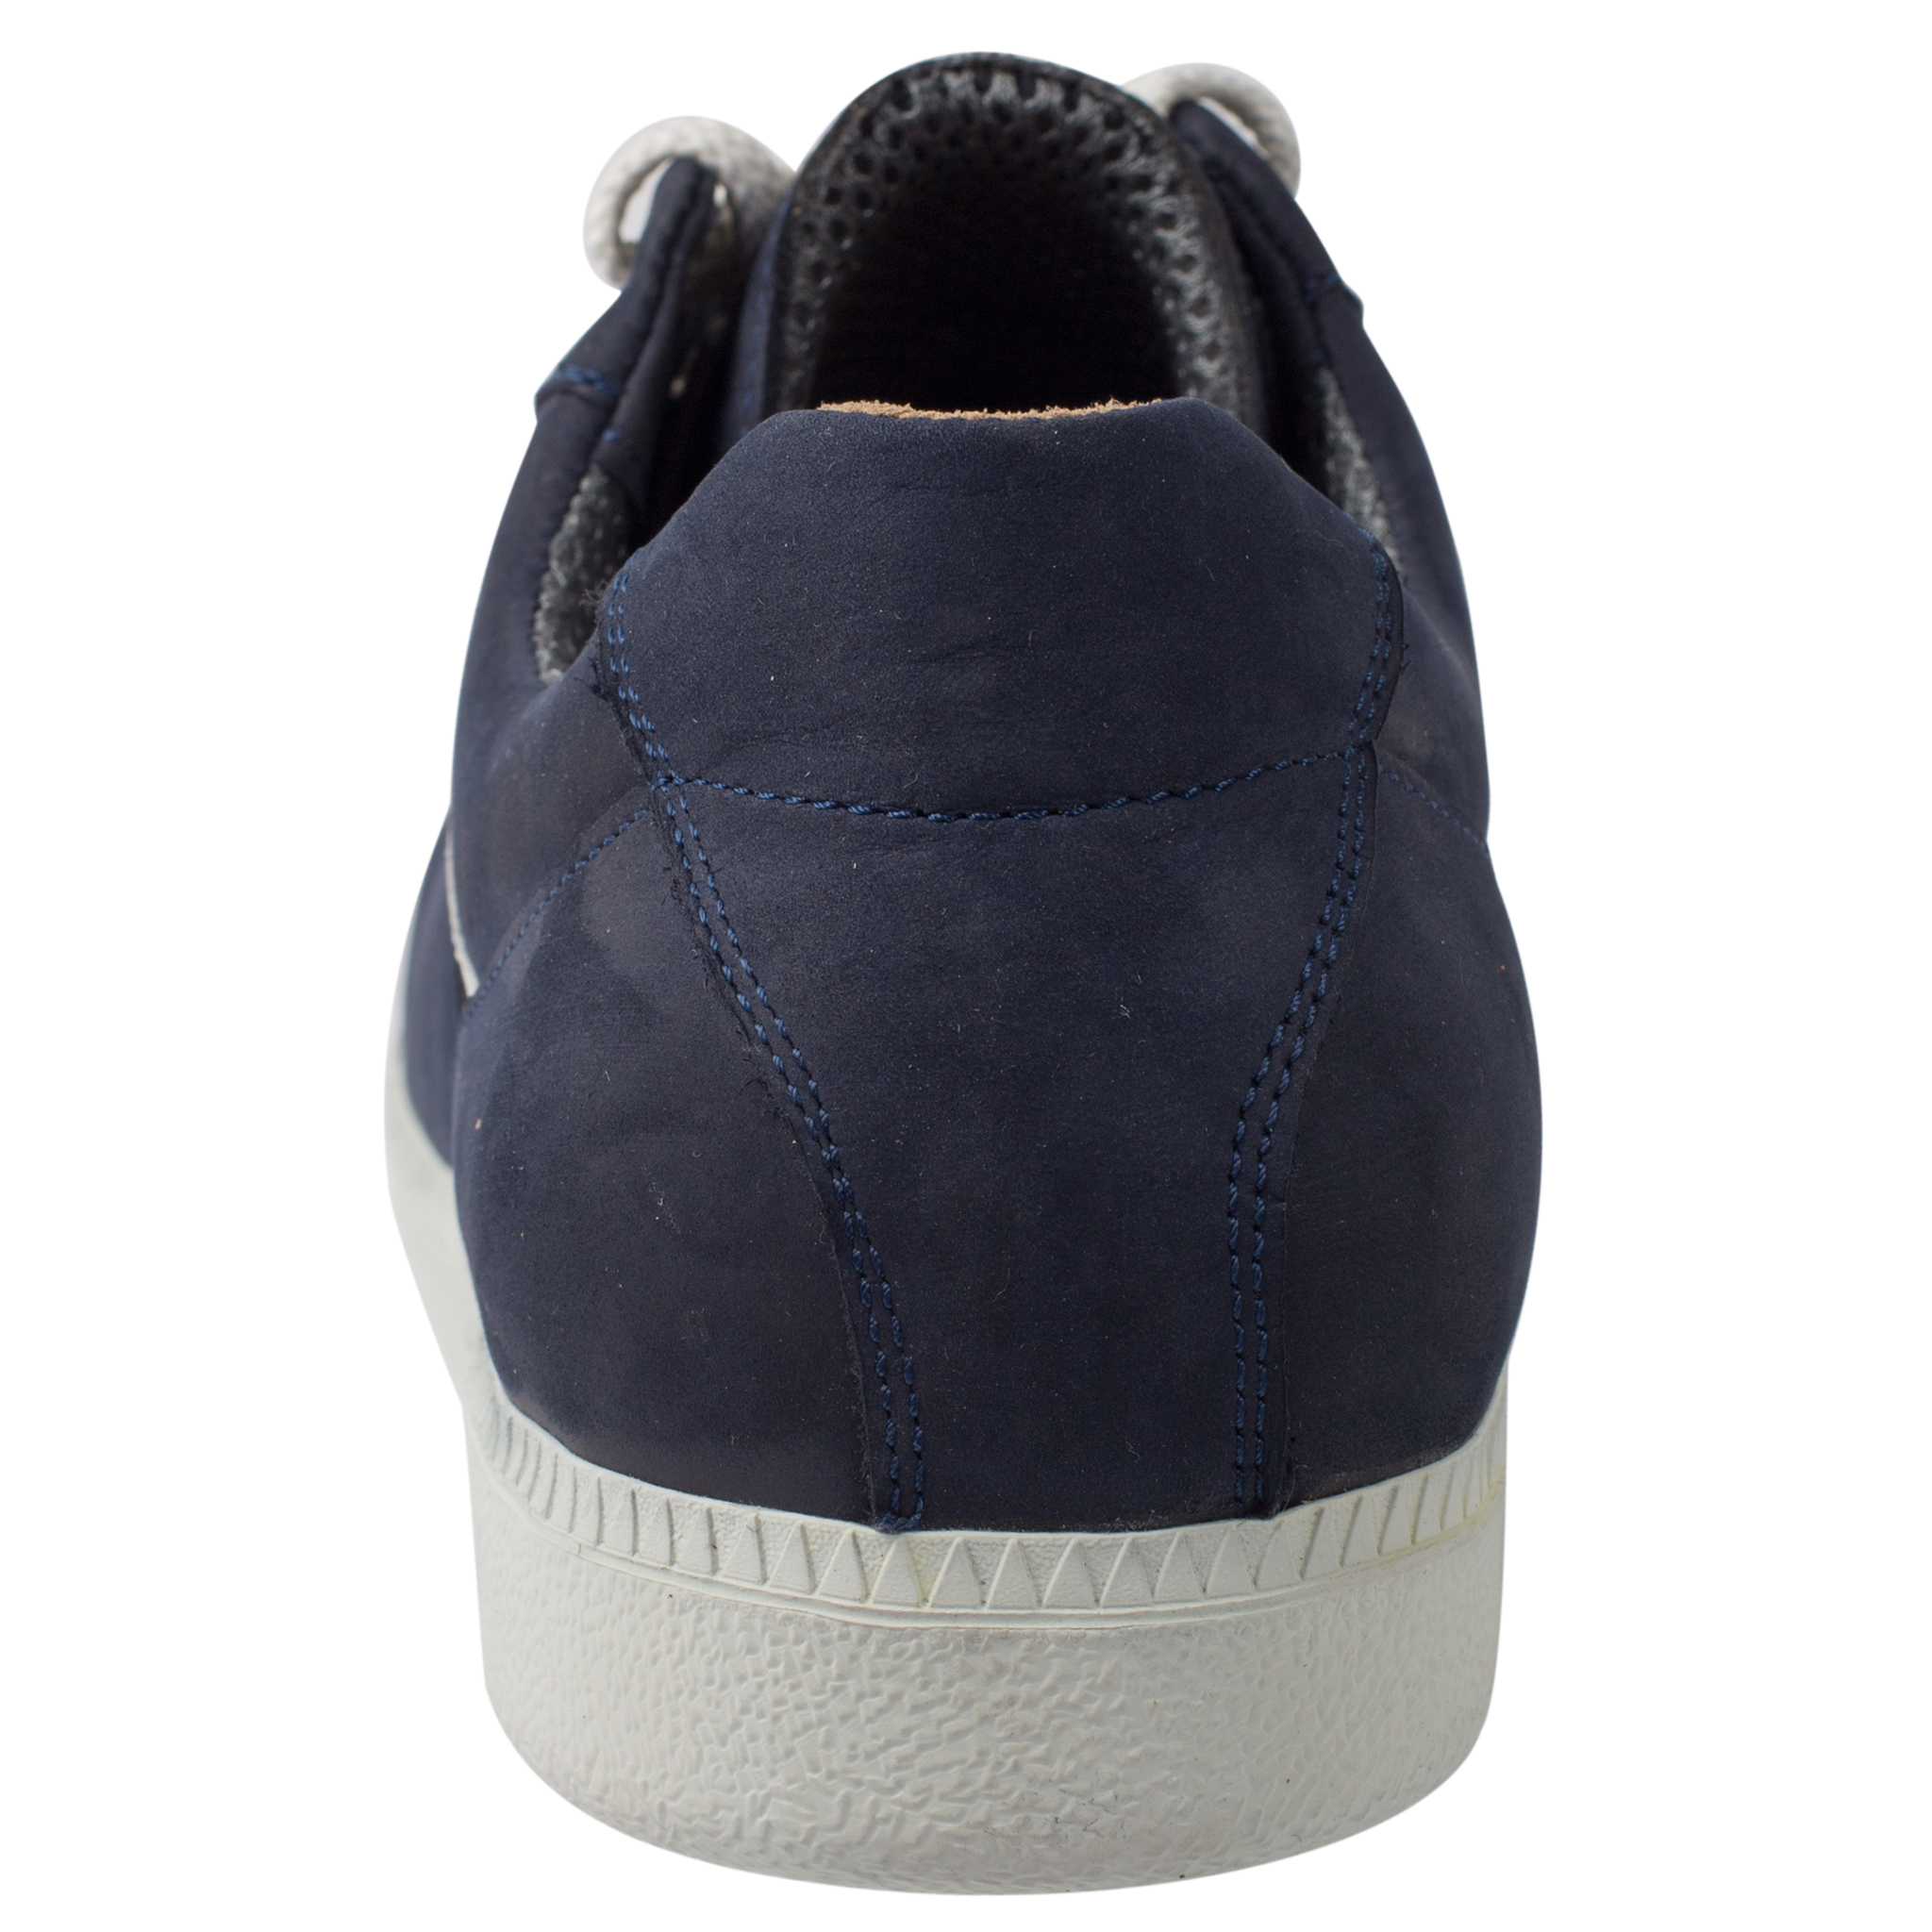 649396 полуботинки мужские синие больших размеров марки Делфино